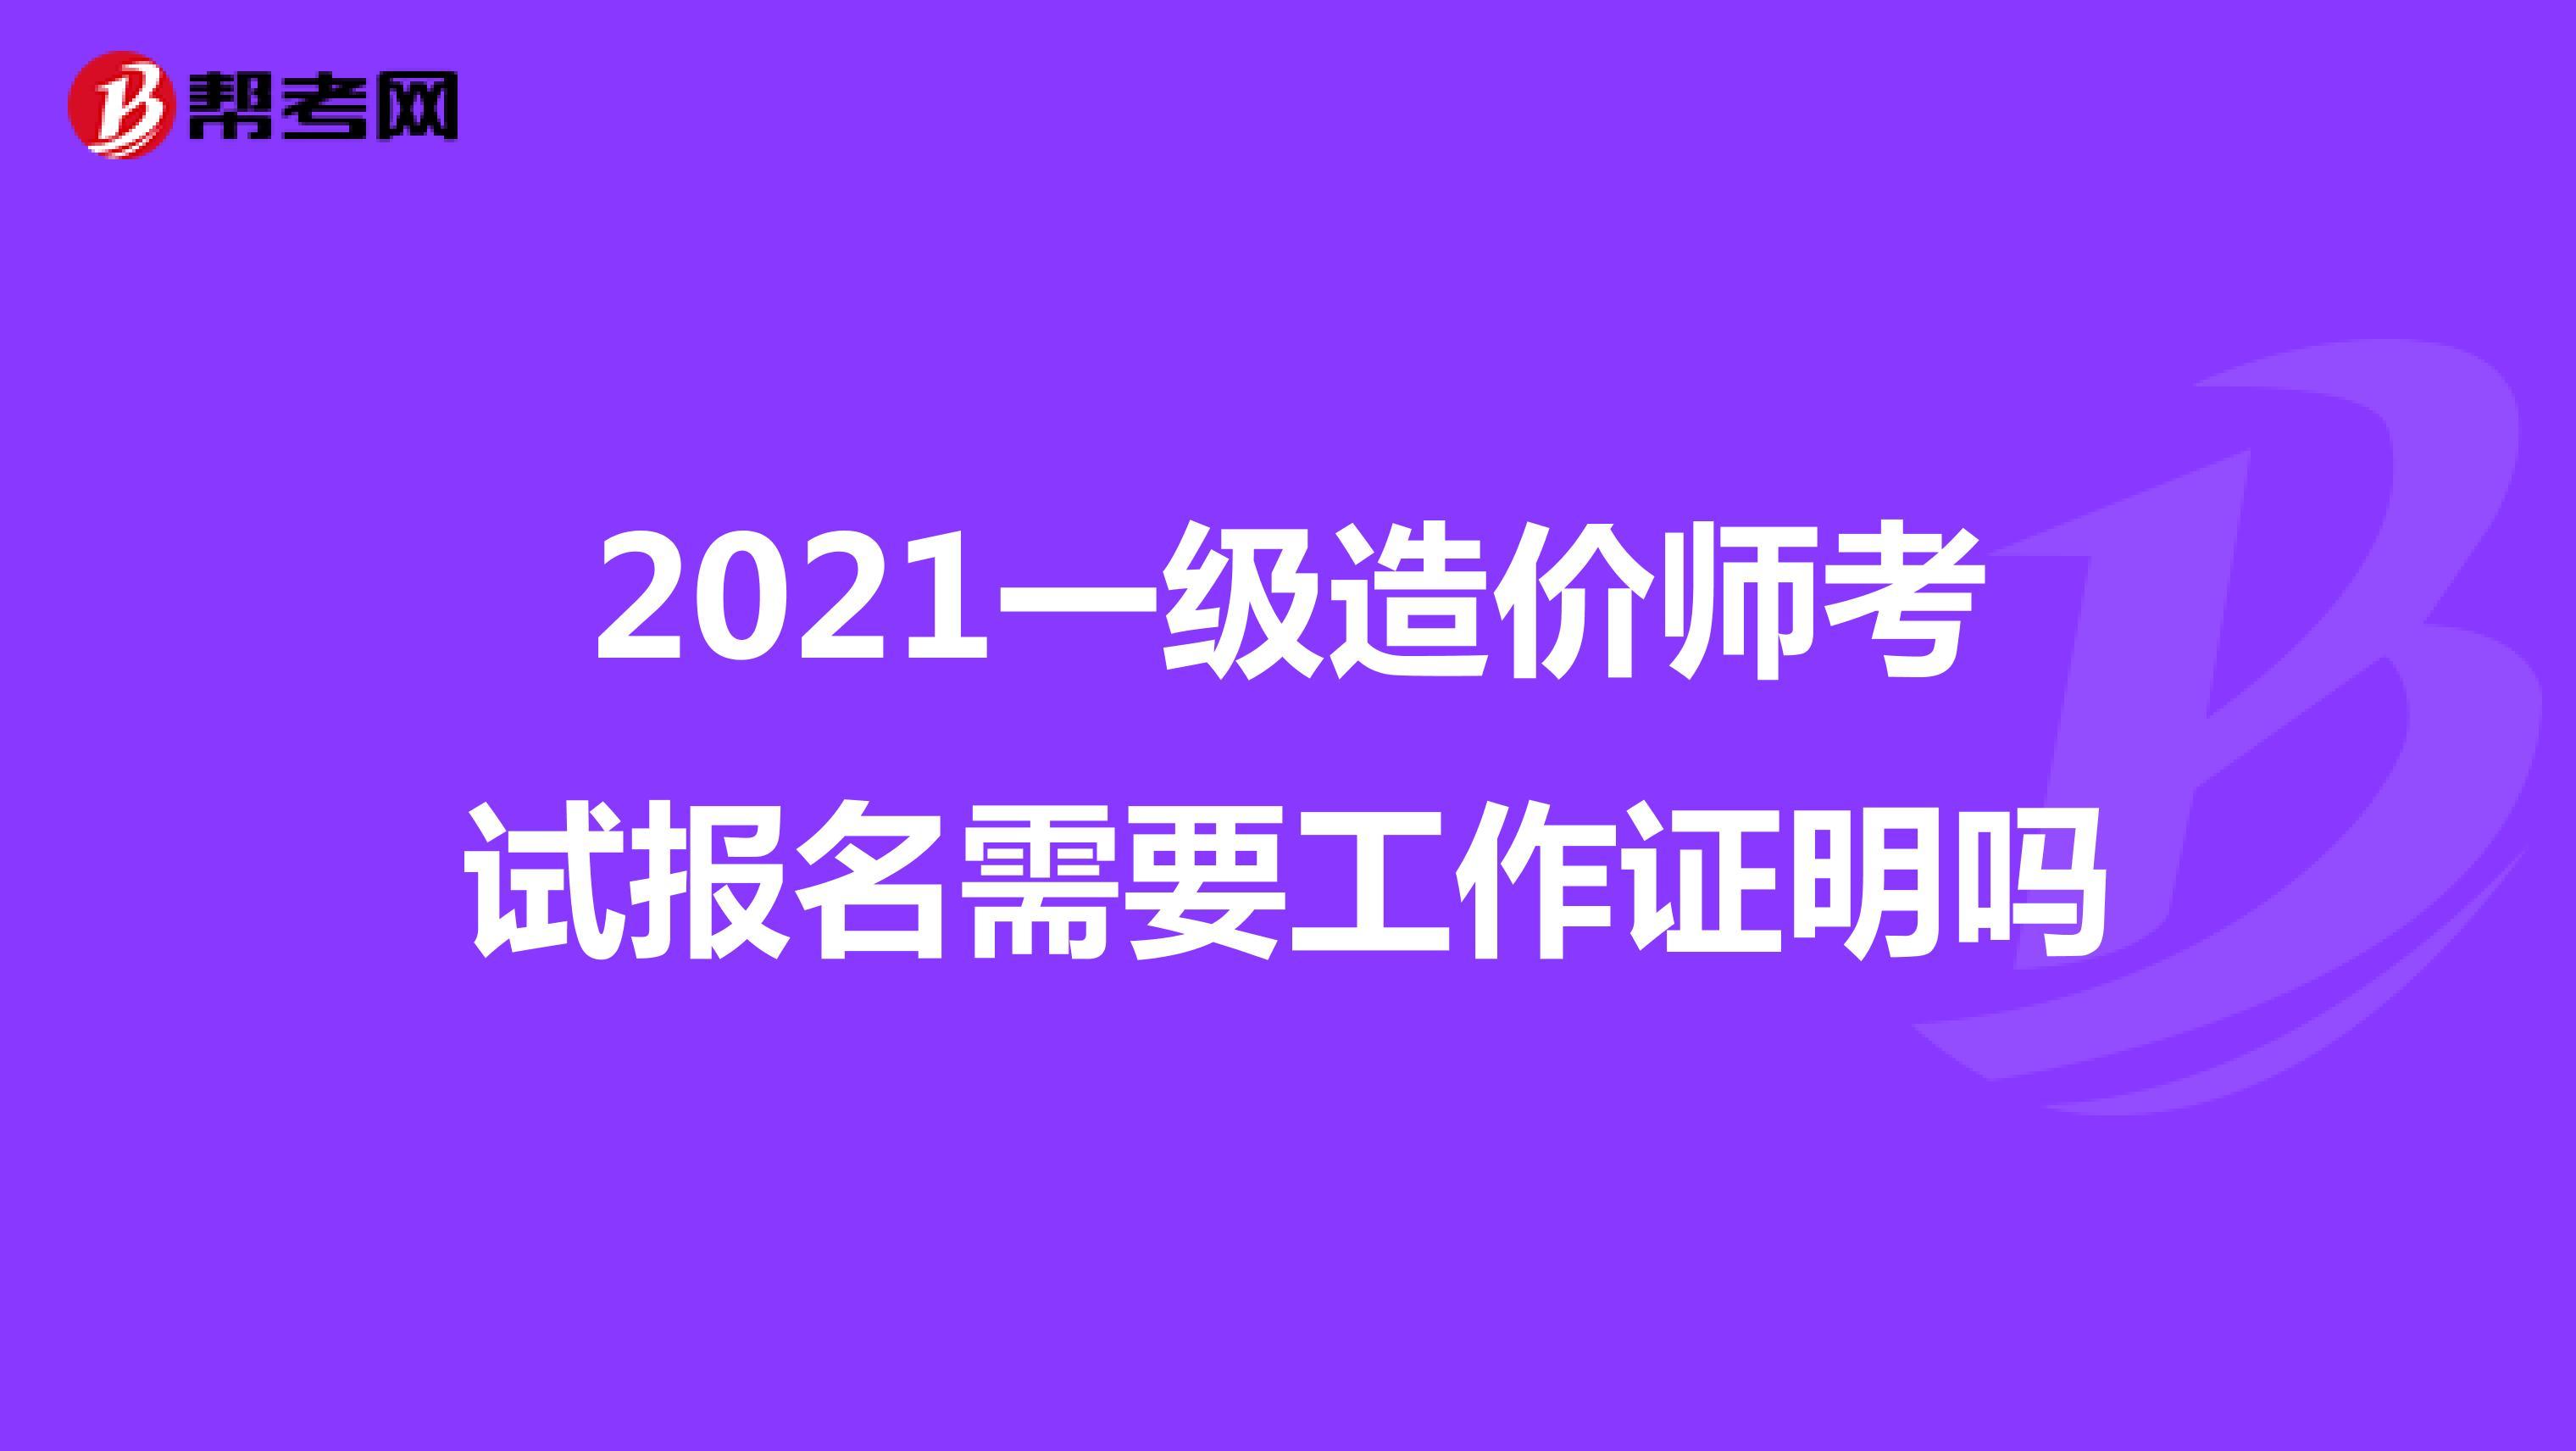 2021一级造价师考试报名需要工作证明吗